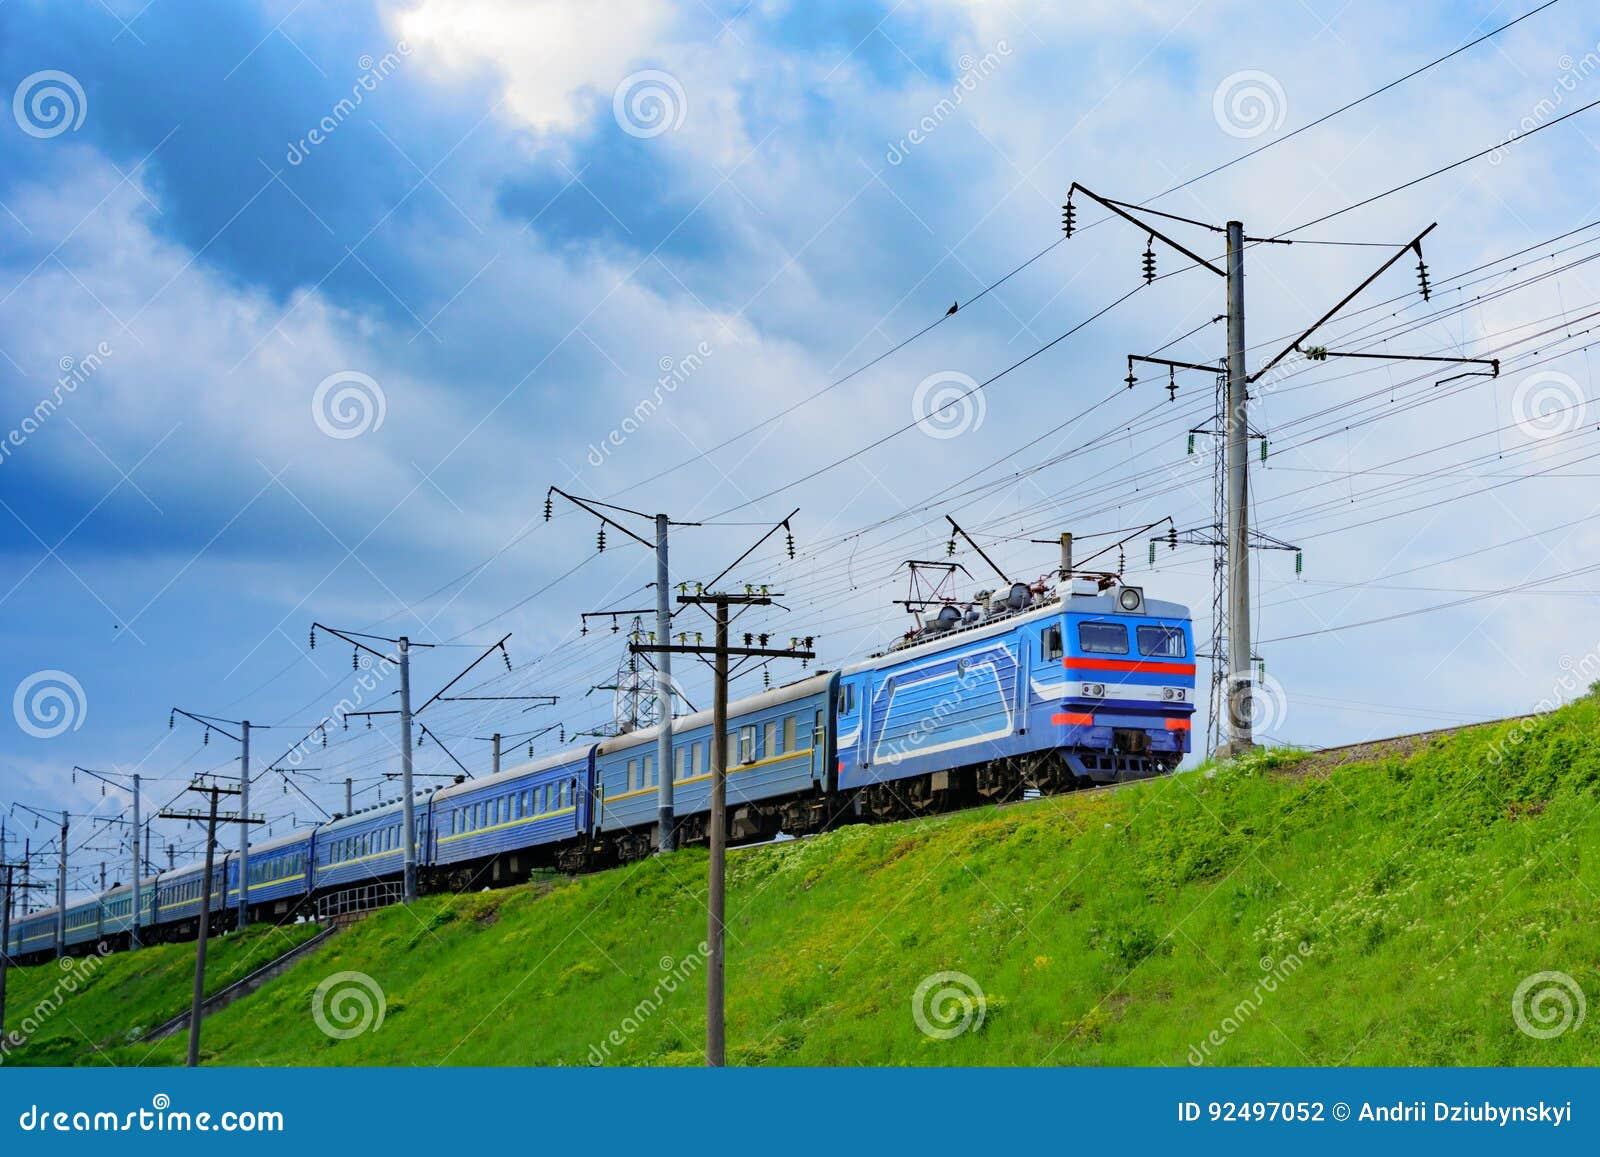 De trein reist naar een vergadering van de streek met grijze wolken